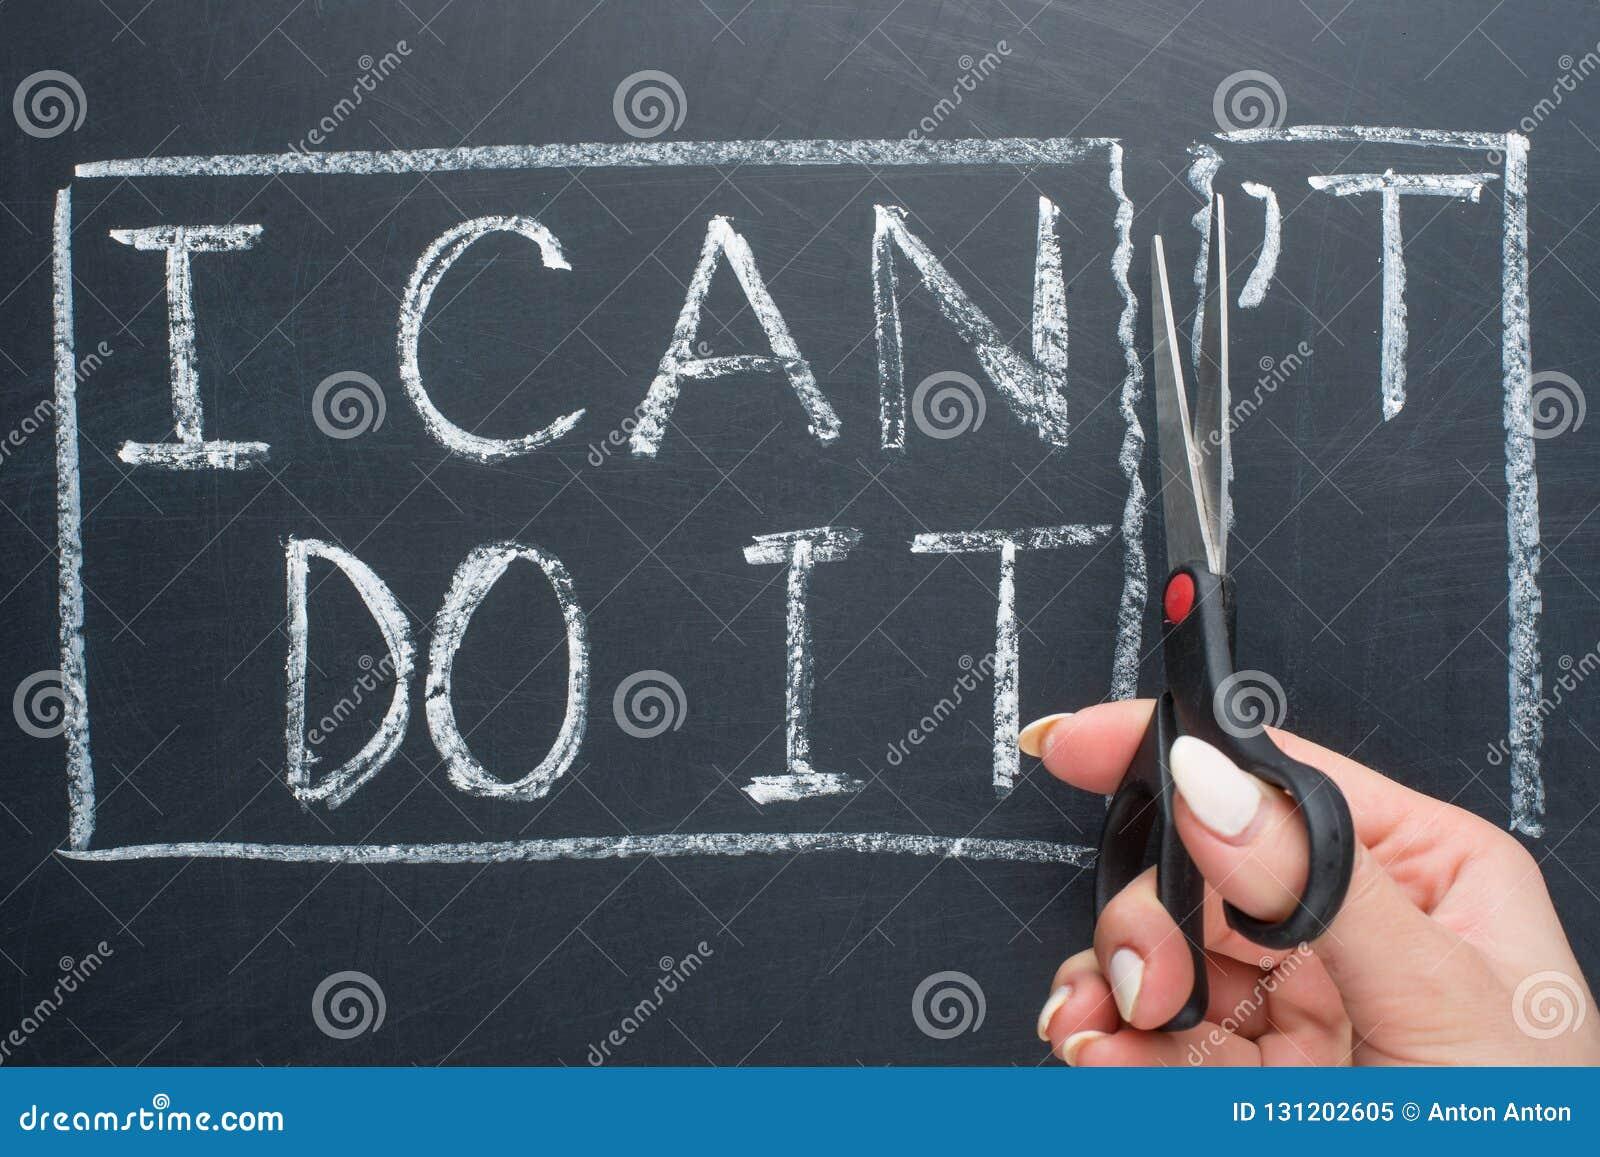 Het gebruiken van schaar om het woord te verwijderen kan & x27; te lezen t kan ik het doen concept voor zelfgeloof, positieve hou